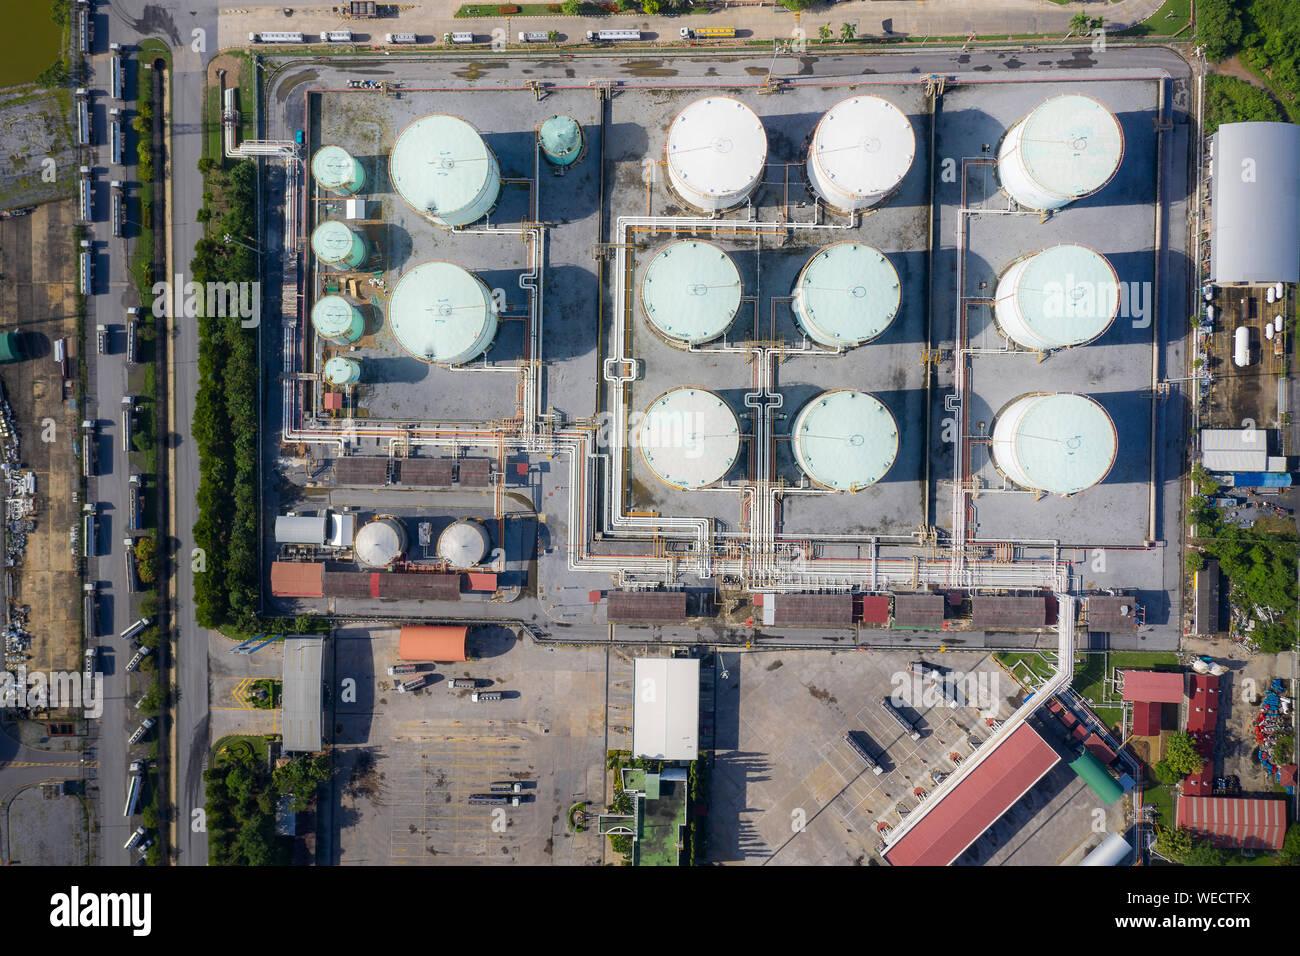 Luftaufnahme der Chemischen Industrie Tanks und Tankwagen in wailting in Industrieanlagen Öl auf Gas Station zu übertragen. Stockfoto